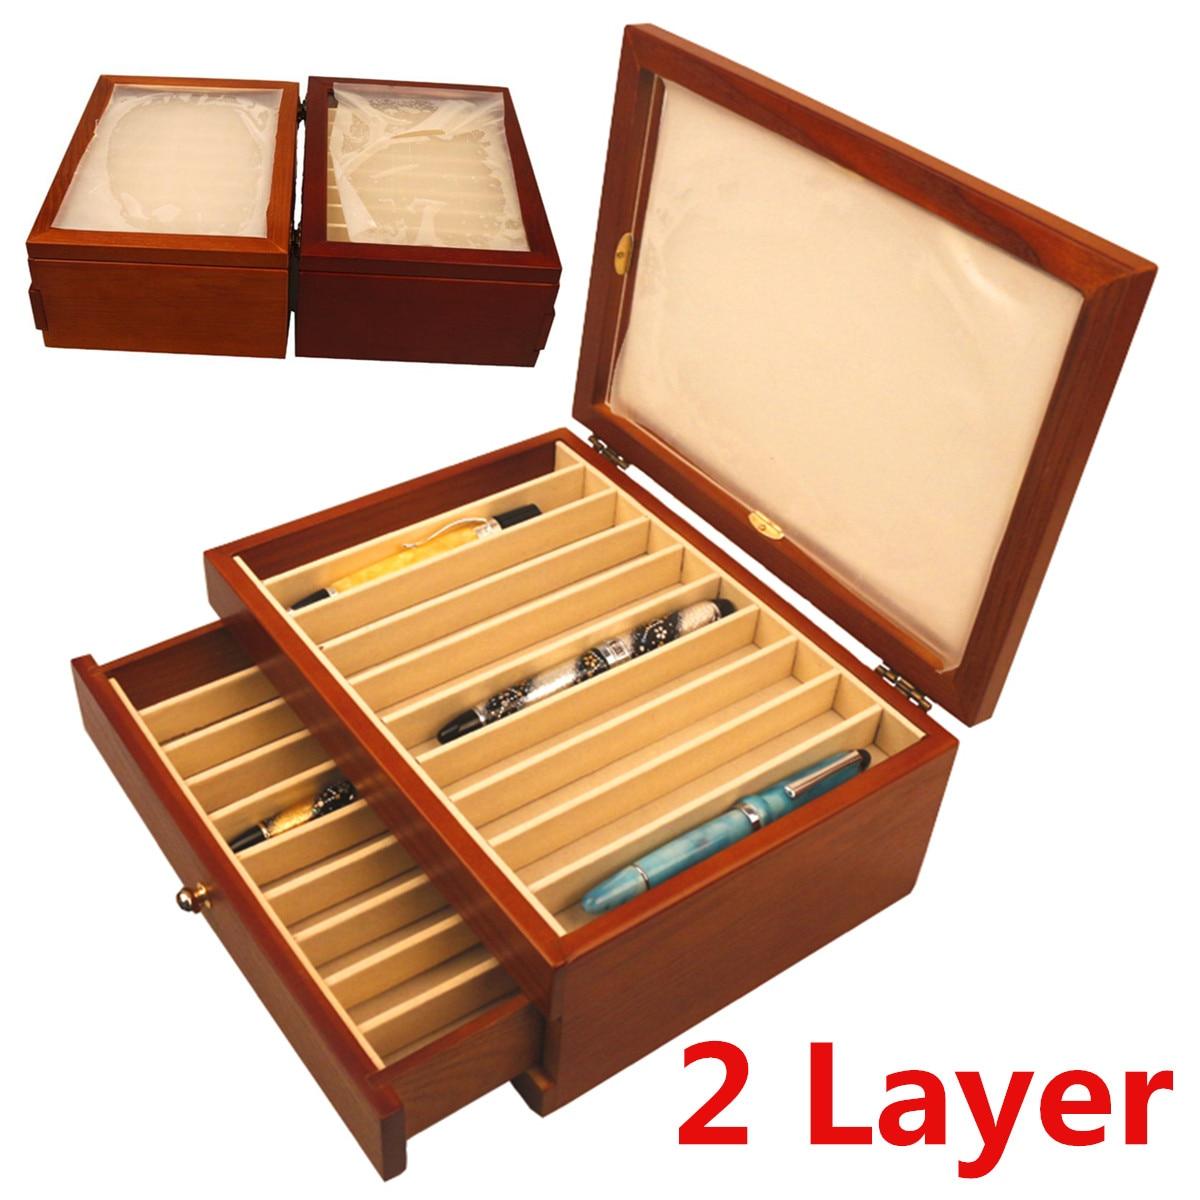 Деревянная подставка для ручек 2 слоя большой емкости деревянный ящик перьевая Ручка Пенал дисплей деревянный шкаф чехол 20 ручек Держатели